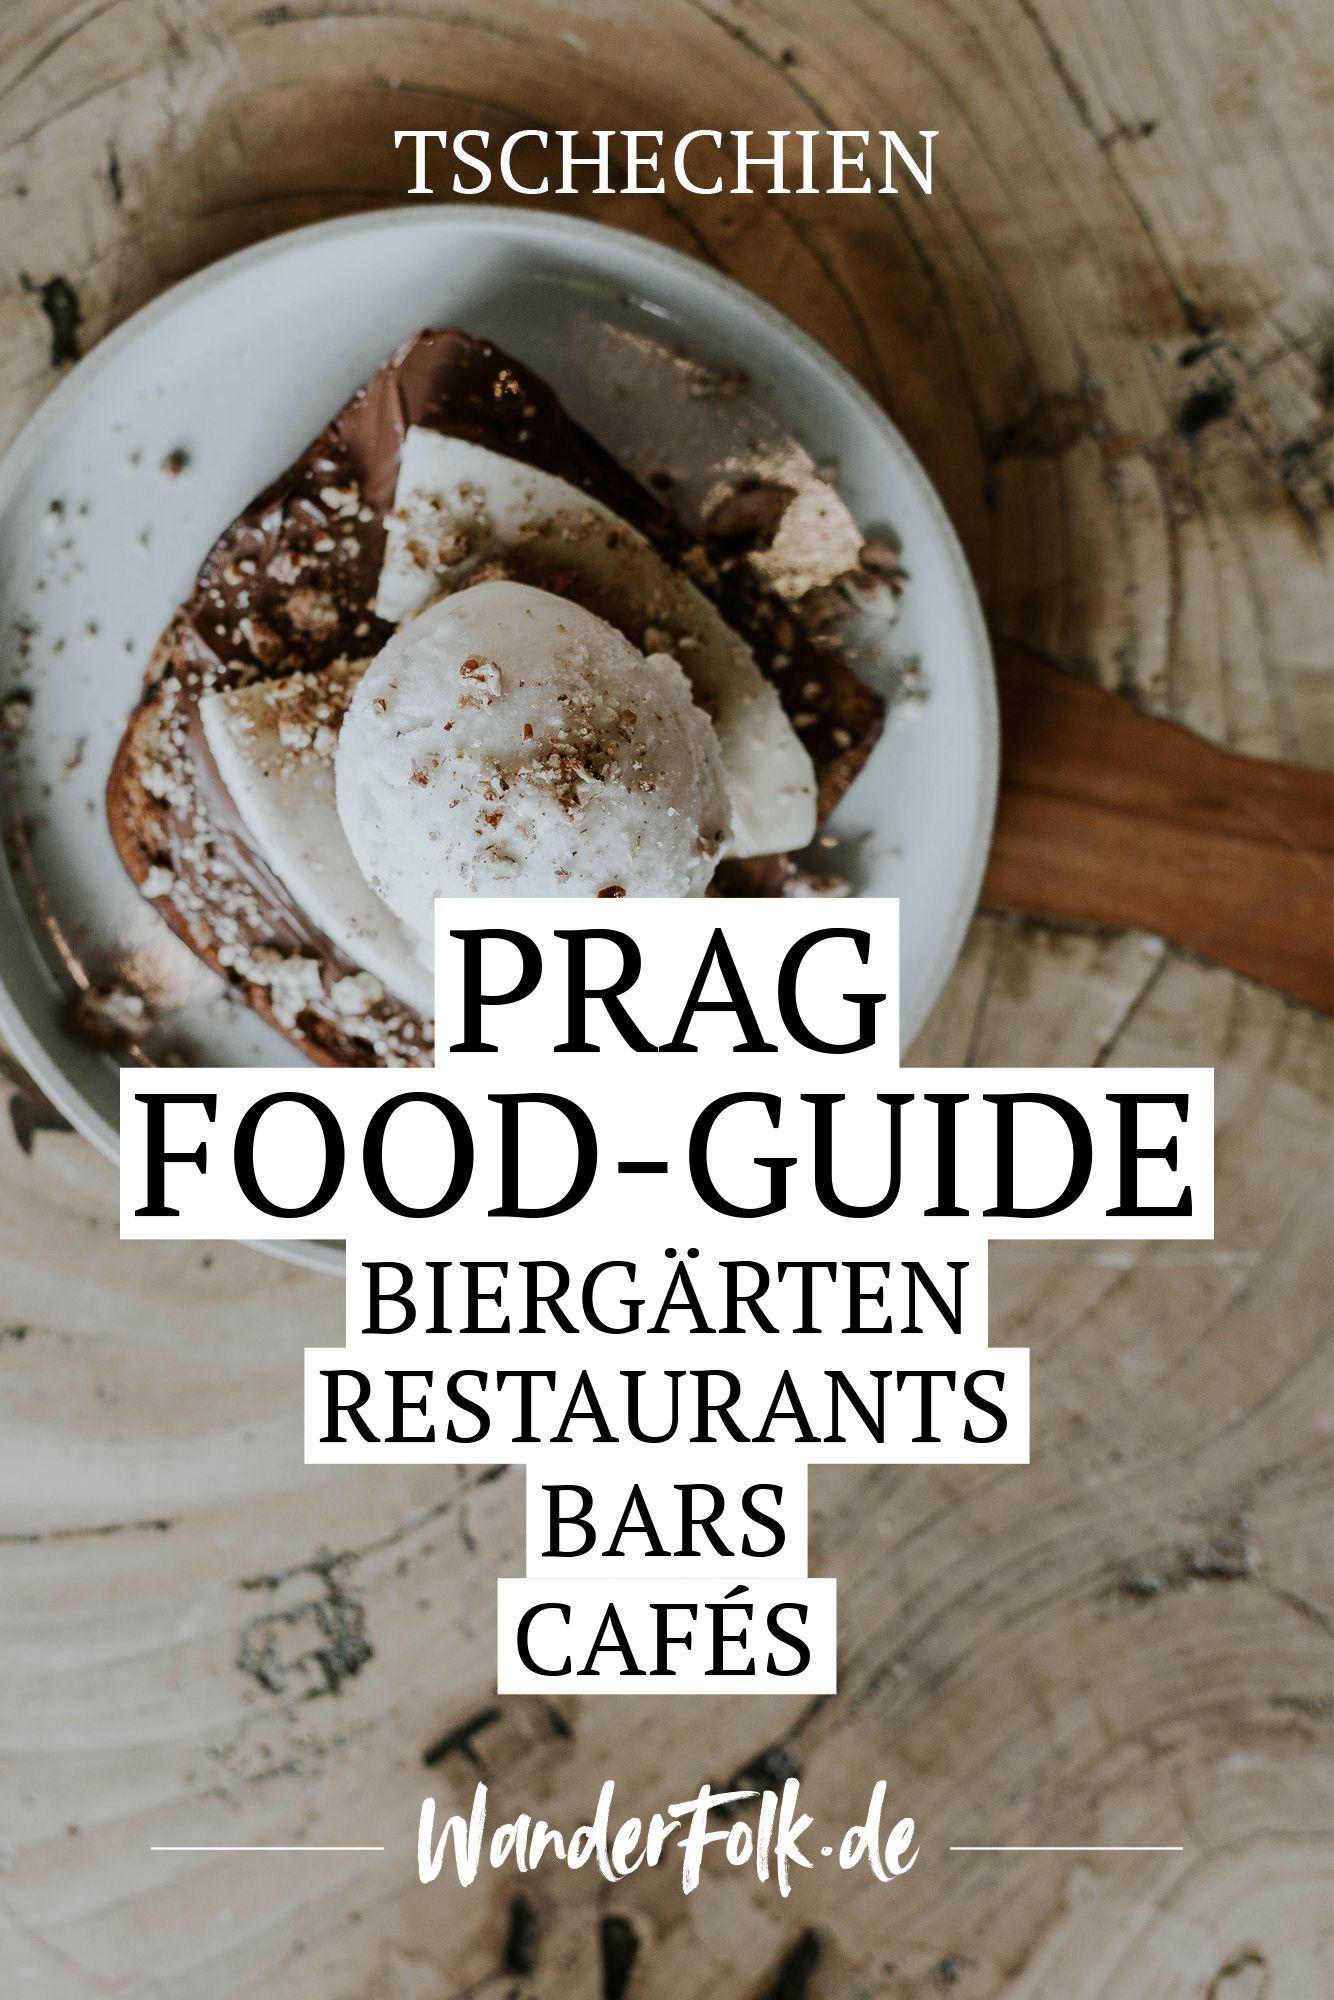 Der Food-Guide für Prag: Eine Liste meiner liebsten Restaurants, Biergärten, Weinberge, Cafés, Frühstückslokale, Bistros & Bars. #czechrecipes